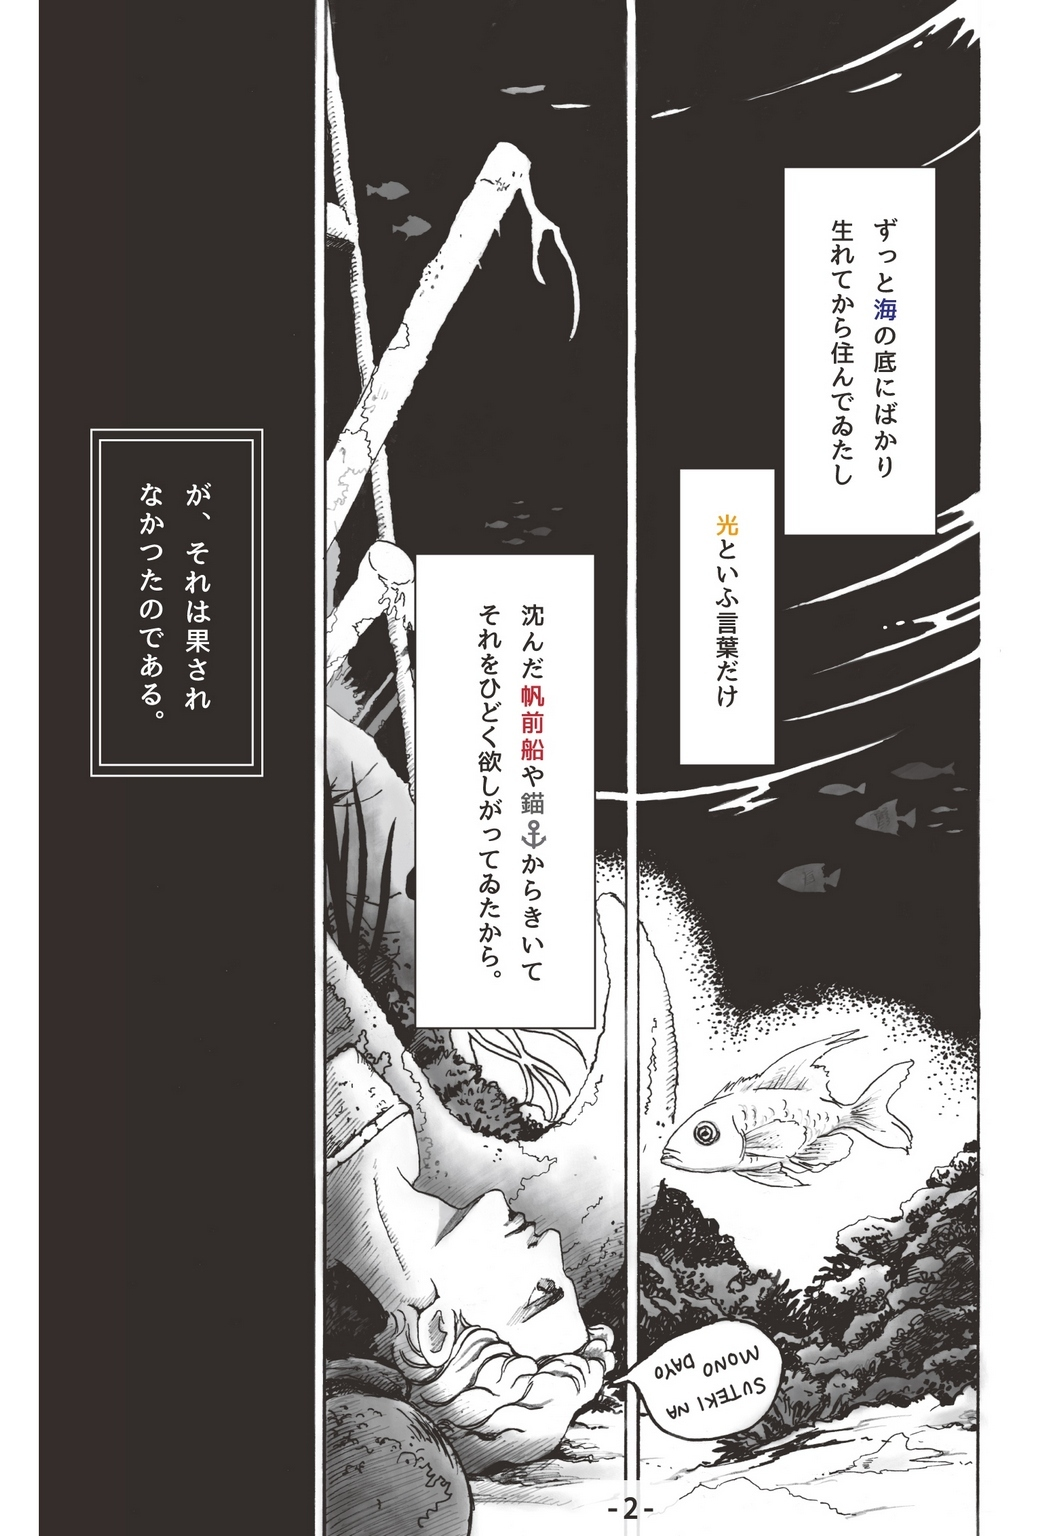 詩漫画 立原道造「魚の話」(『散歩詩集』より)_f0228652_21544376.jpeg